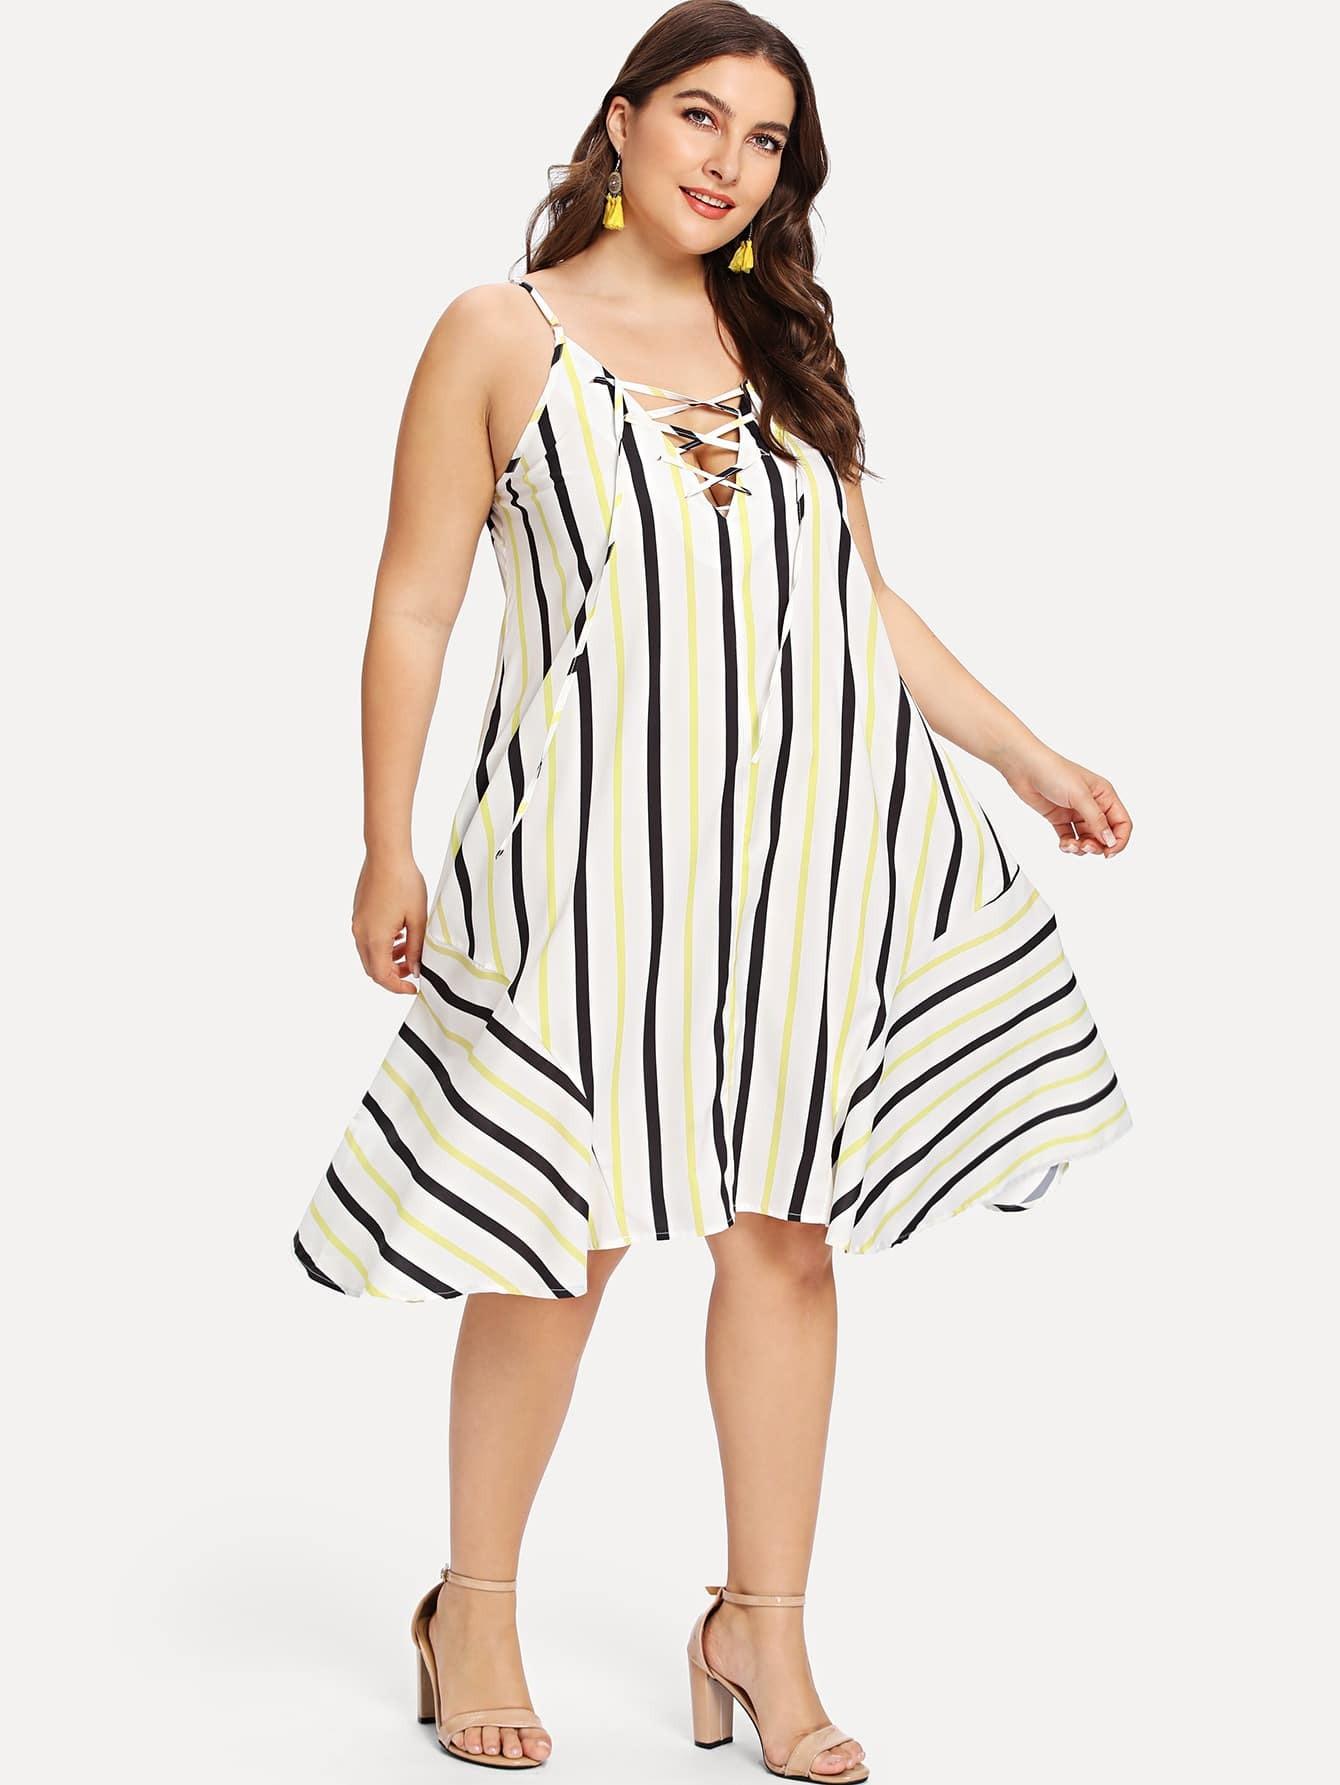 Платье со шнурком, Franziska, SheIn  - купить со скидкой